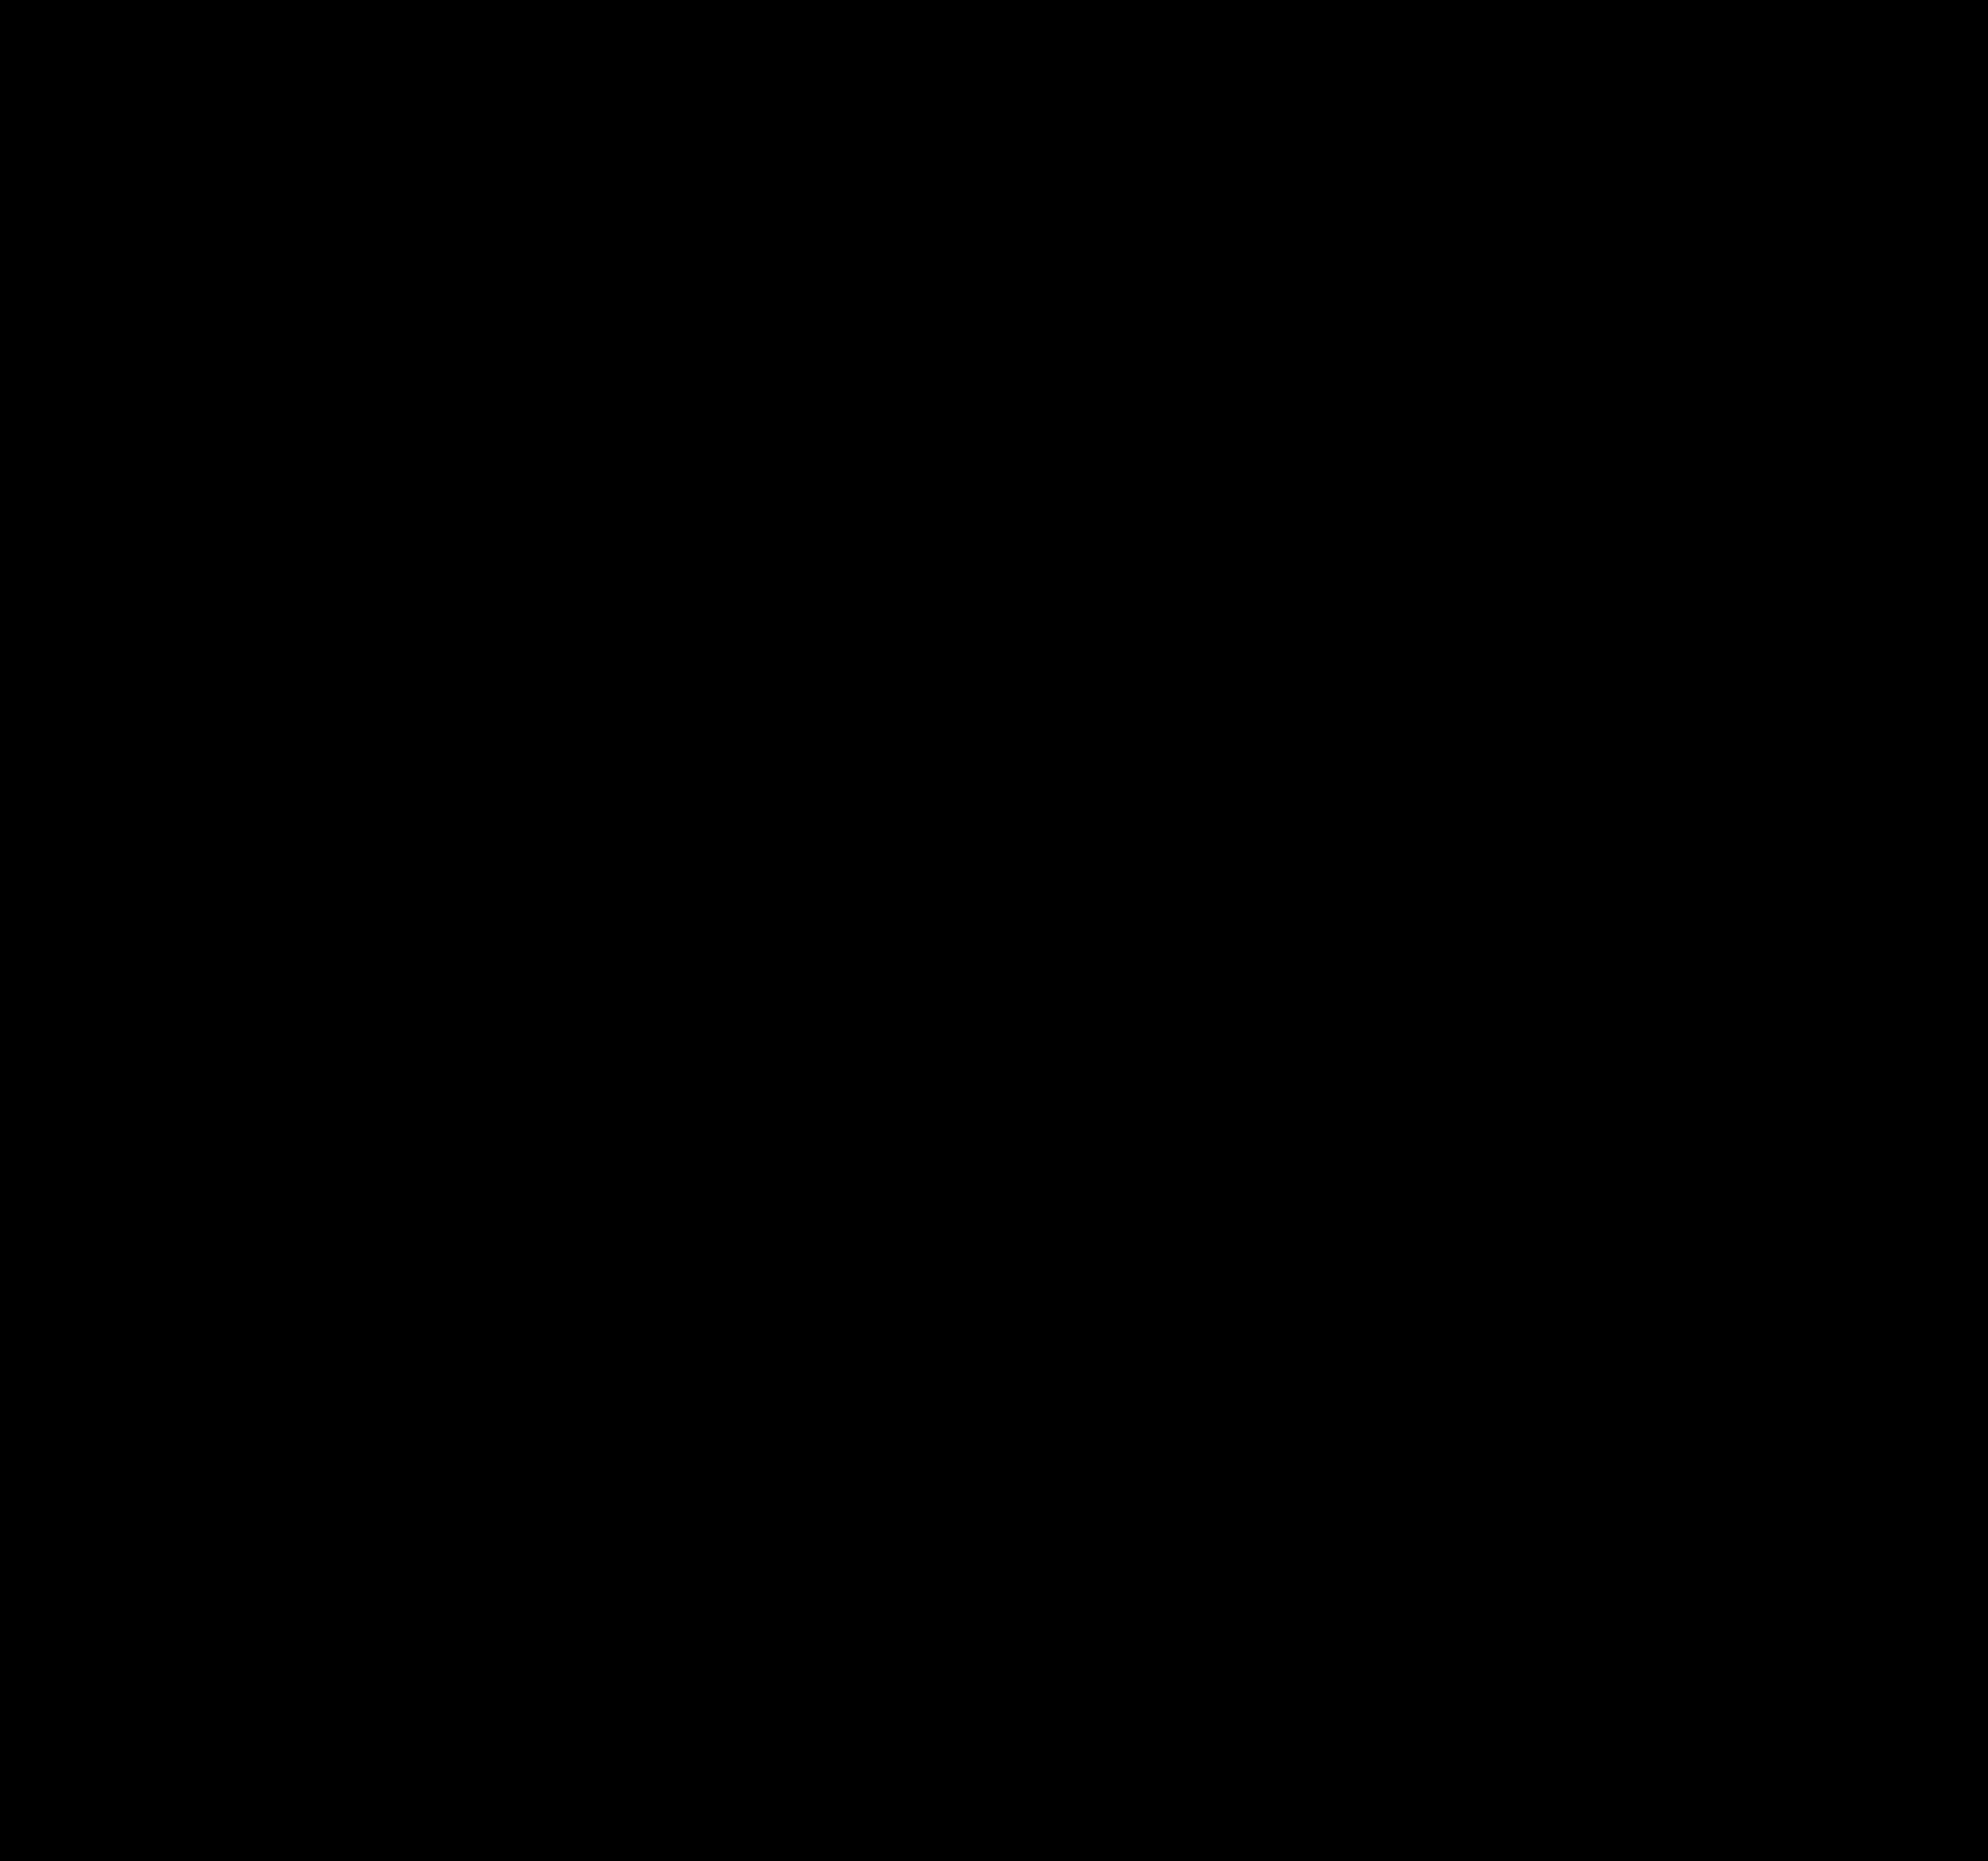 Berlin Potsdam Karte.File Karte Von Berlin Und Umgebung 1913 In 12 Blättern V Potsdam